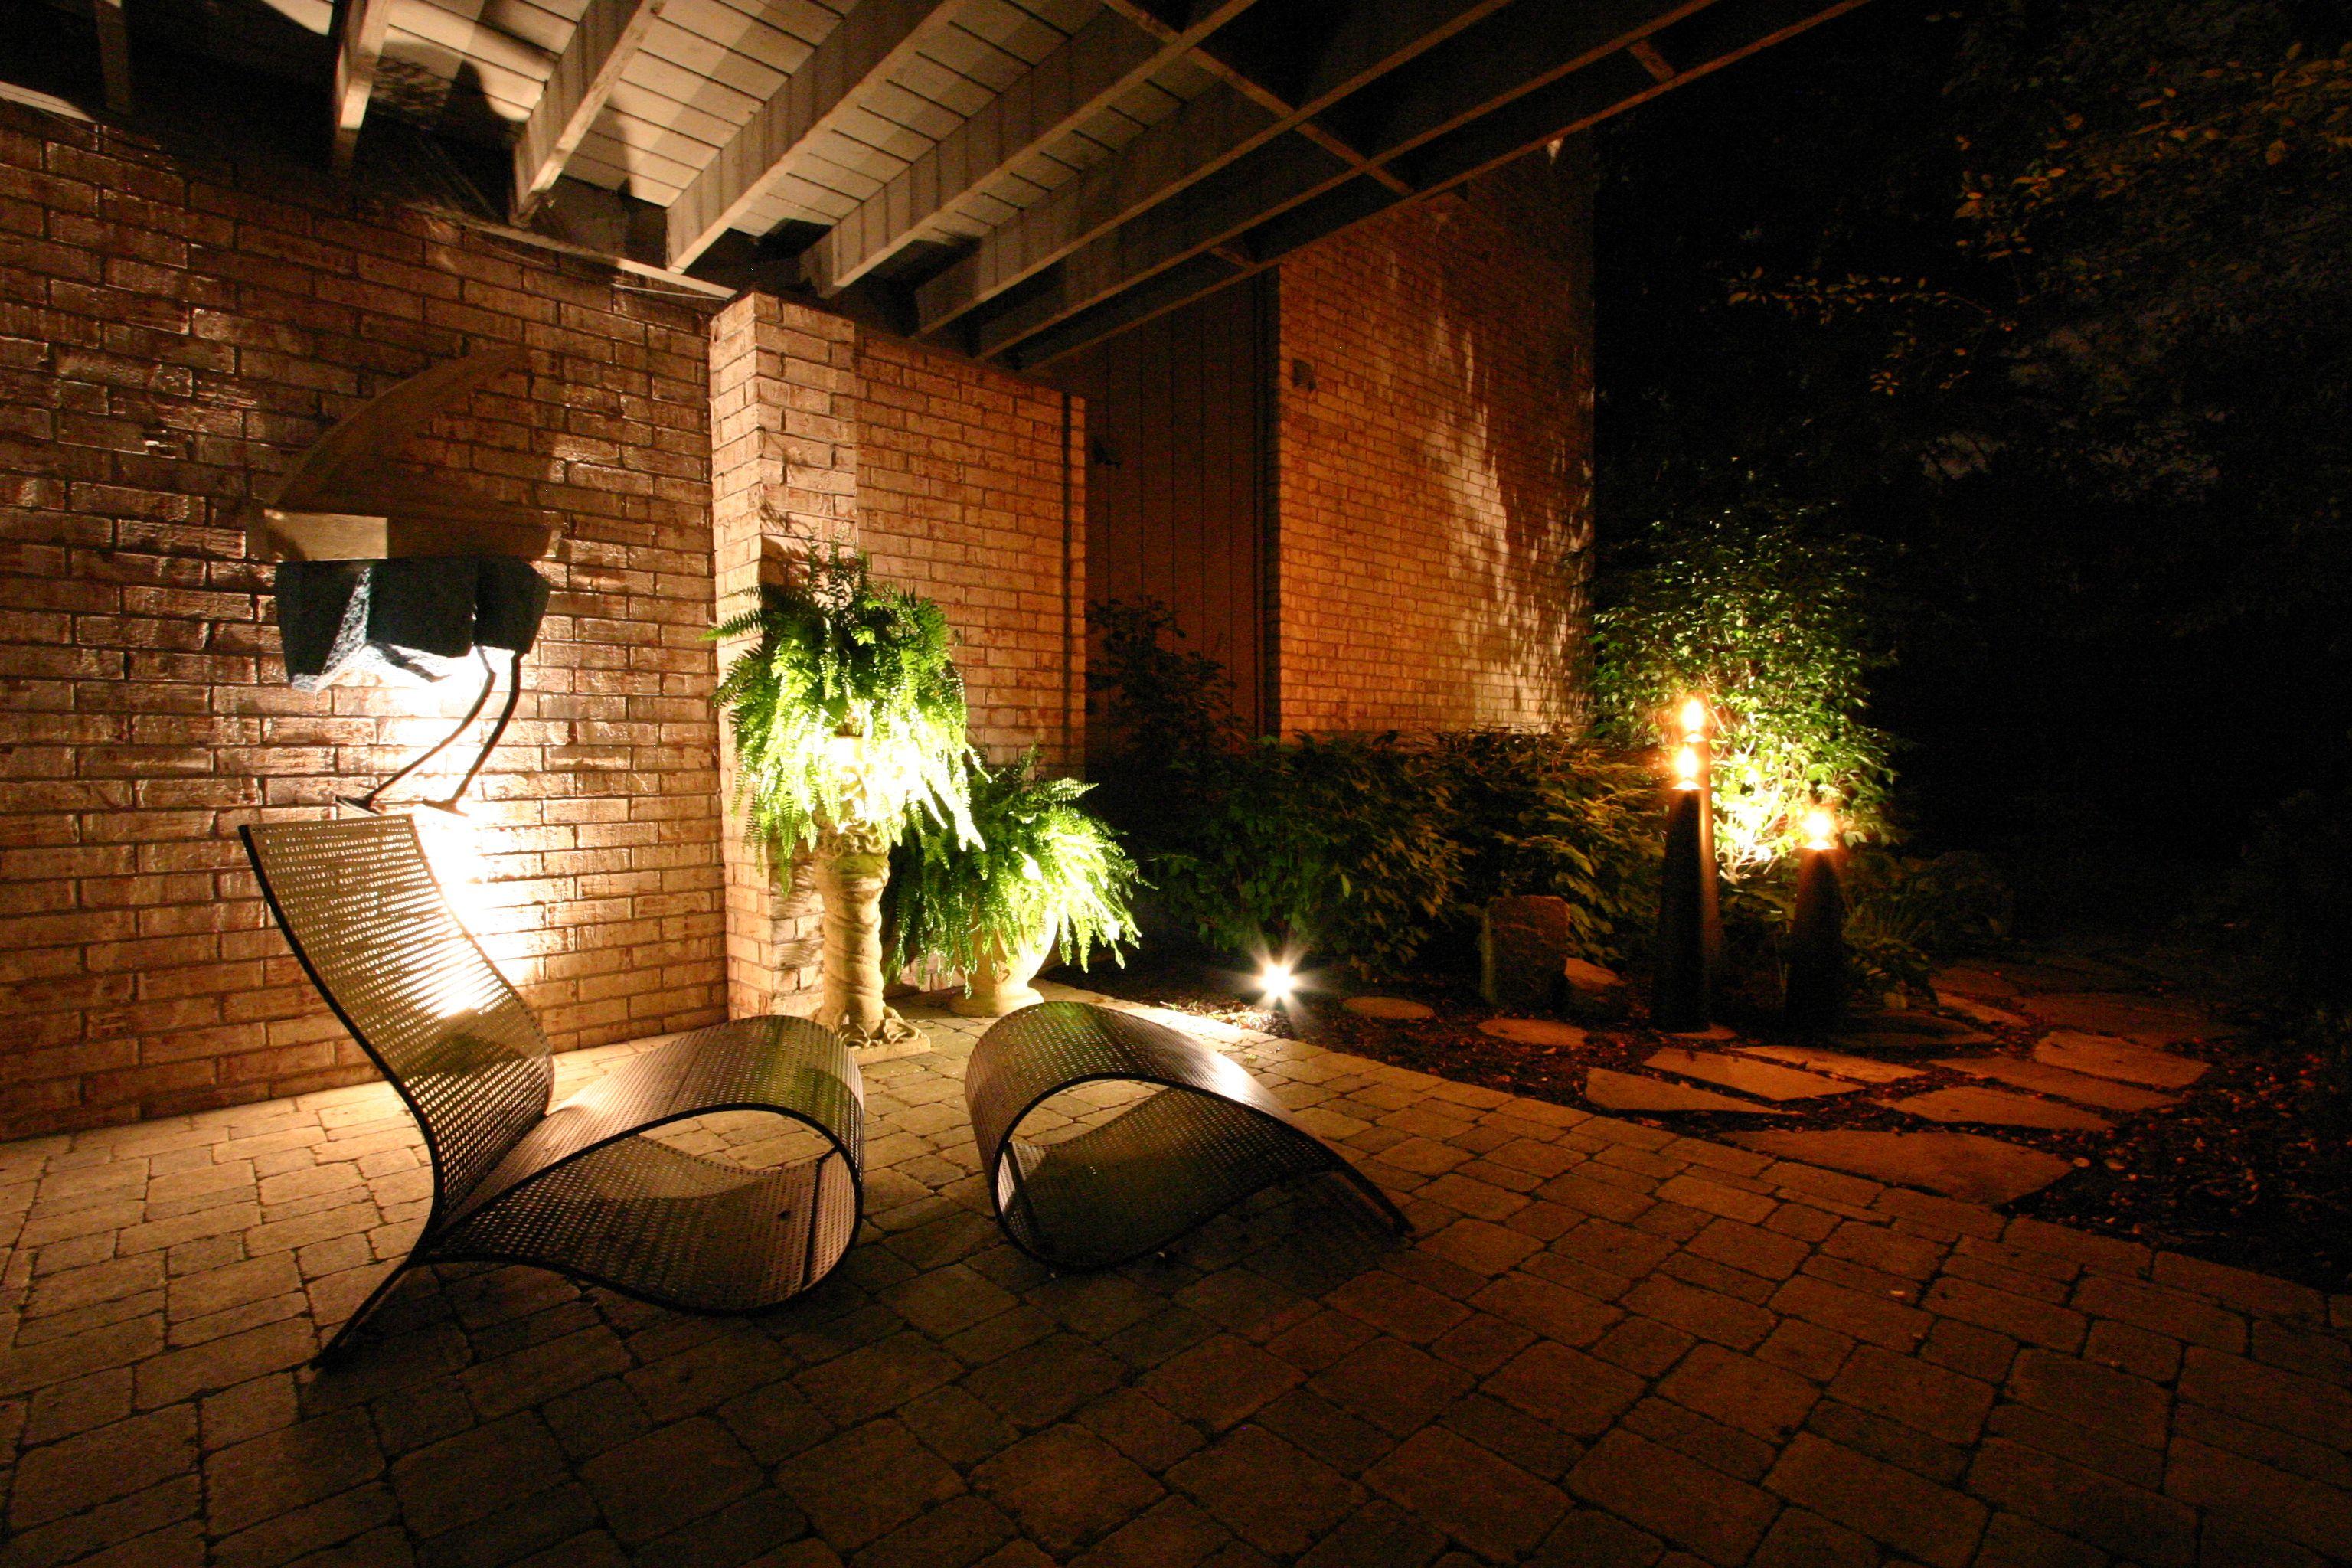 Backyard landscape lighting landscape lighting for Residential exterior lighting design